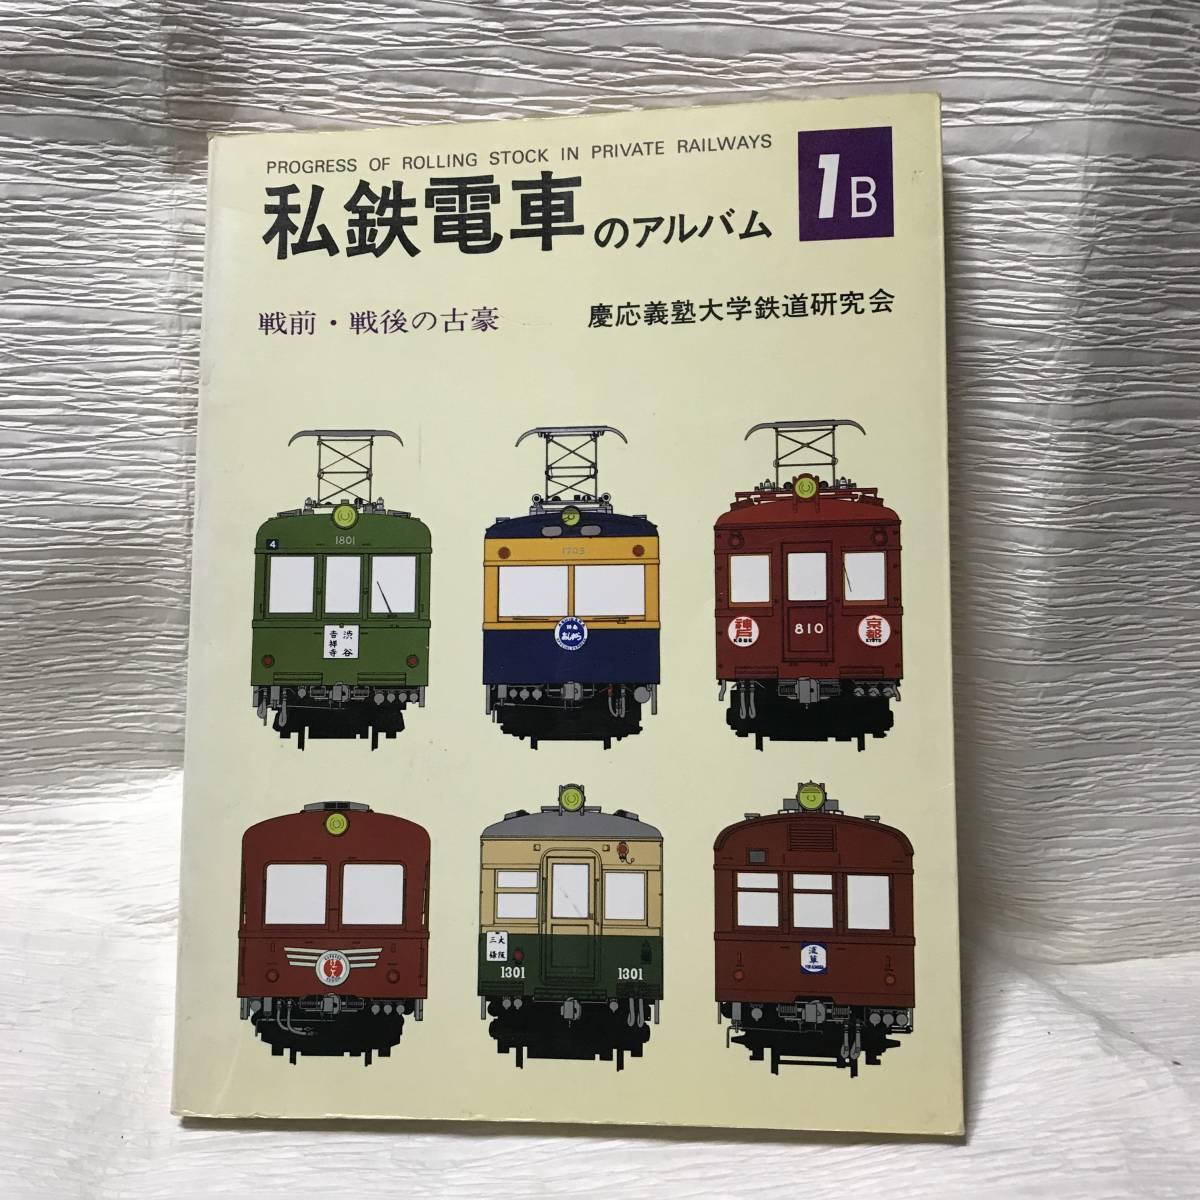 私鉄電車のアルバム 1B 戦前・戦後の古豪 慶応義塾大学鉄道研究会_画像1